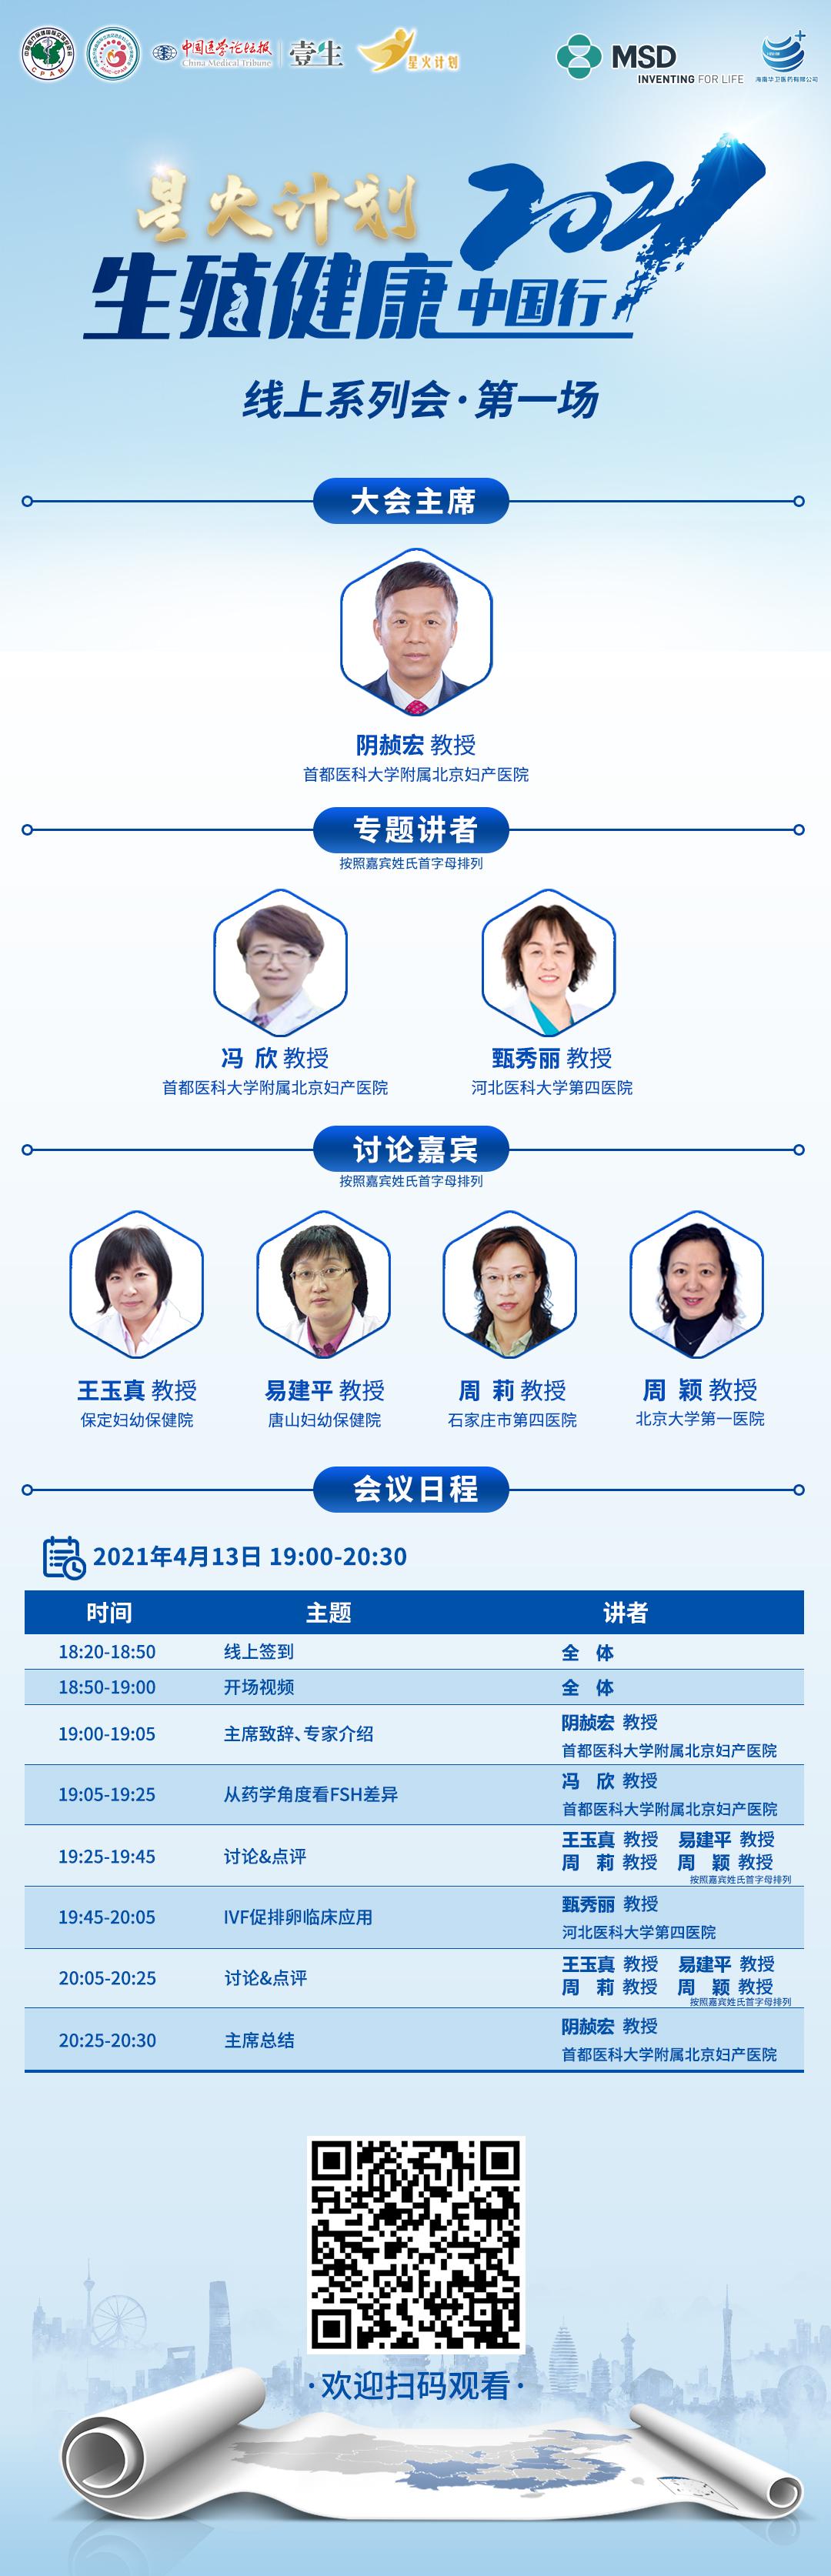 2021生殖健康中国行海报(修改1).jpg